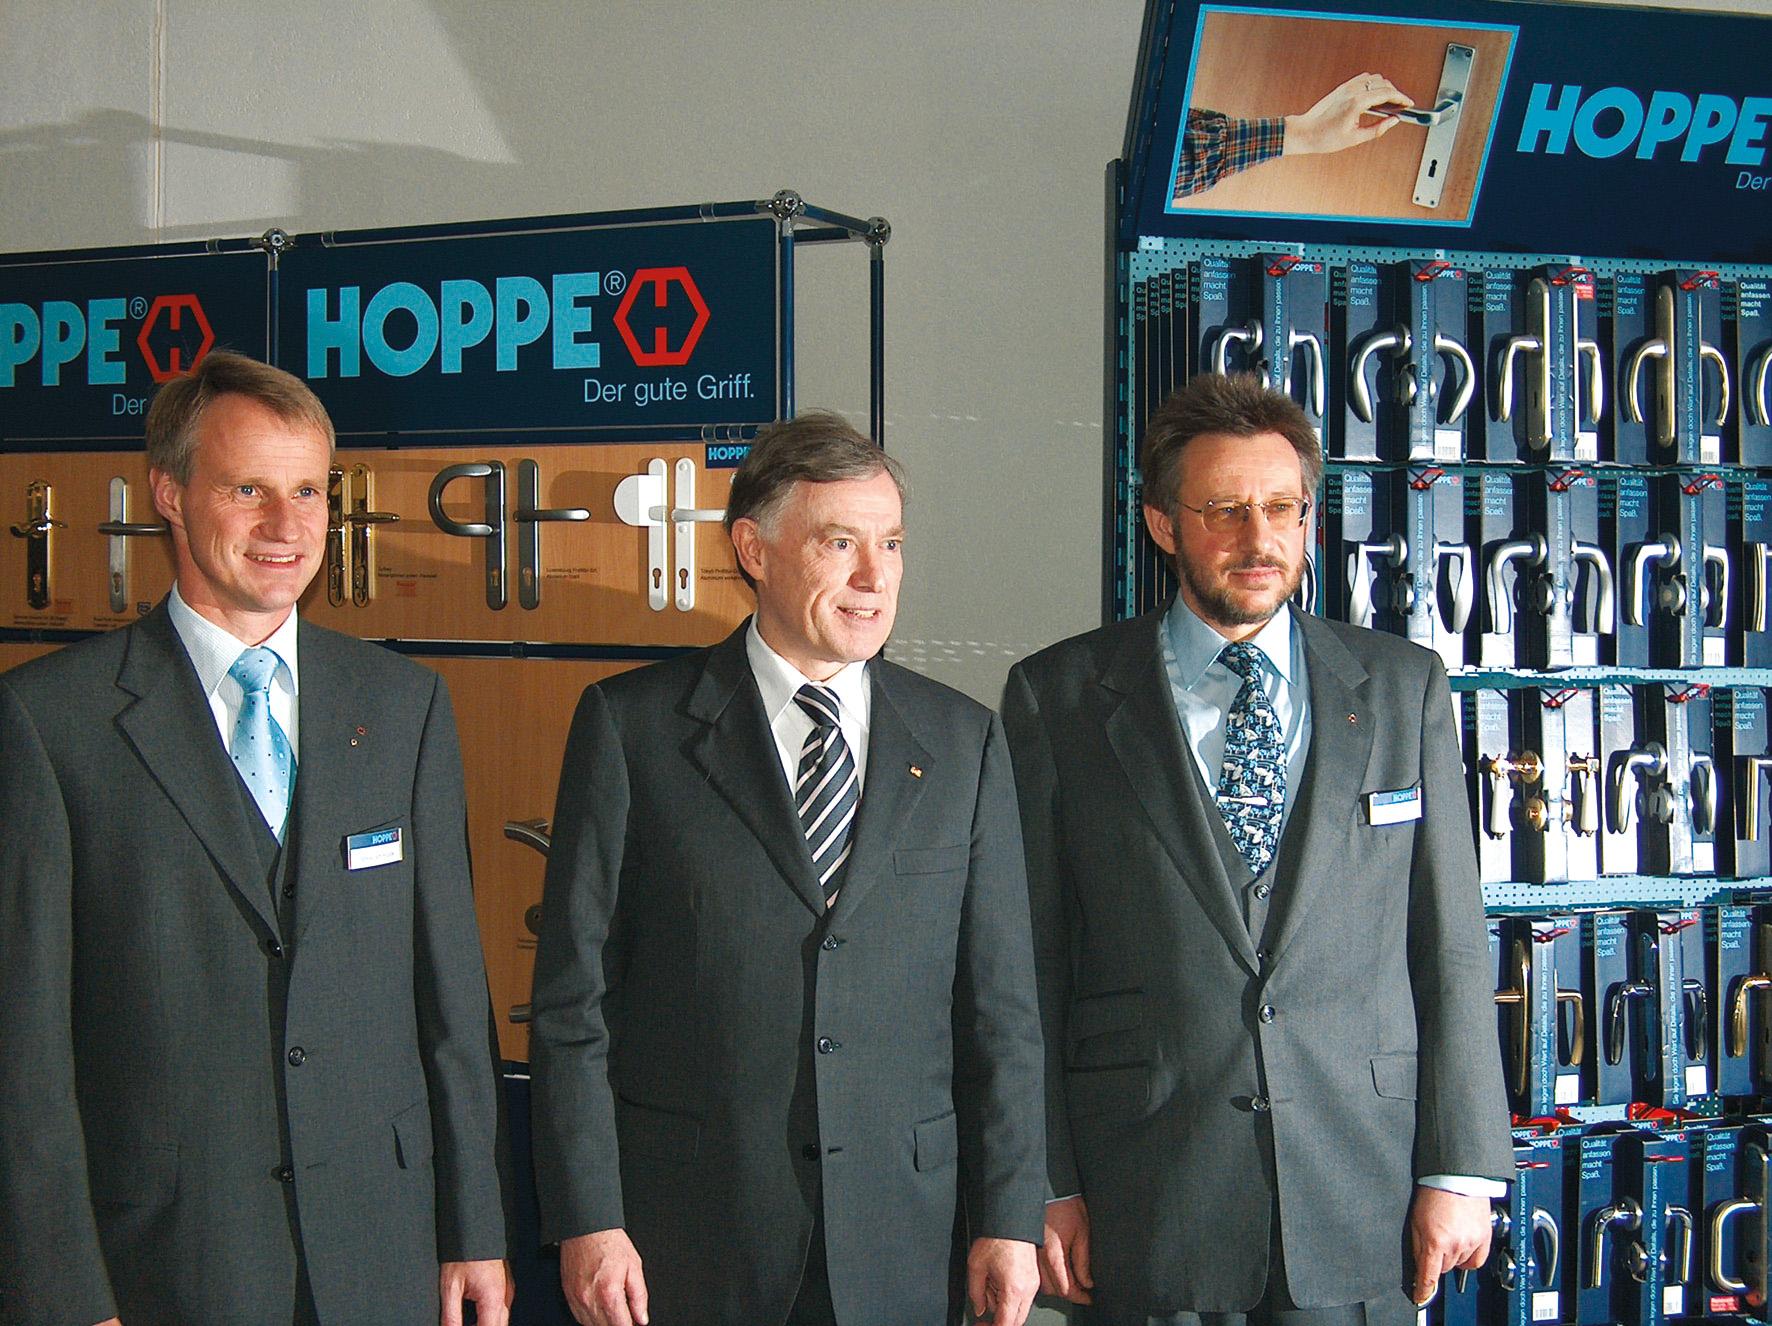 09.12.2005: Besök av förbundspresident Köhler (i mitten) på HOPPE-anläggningen i Crottendorf